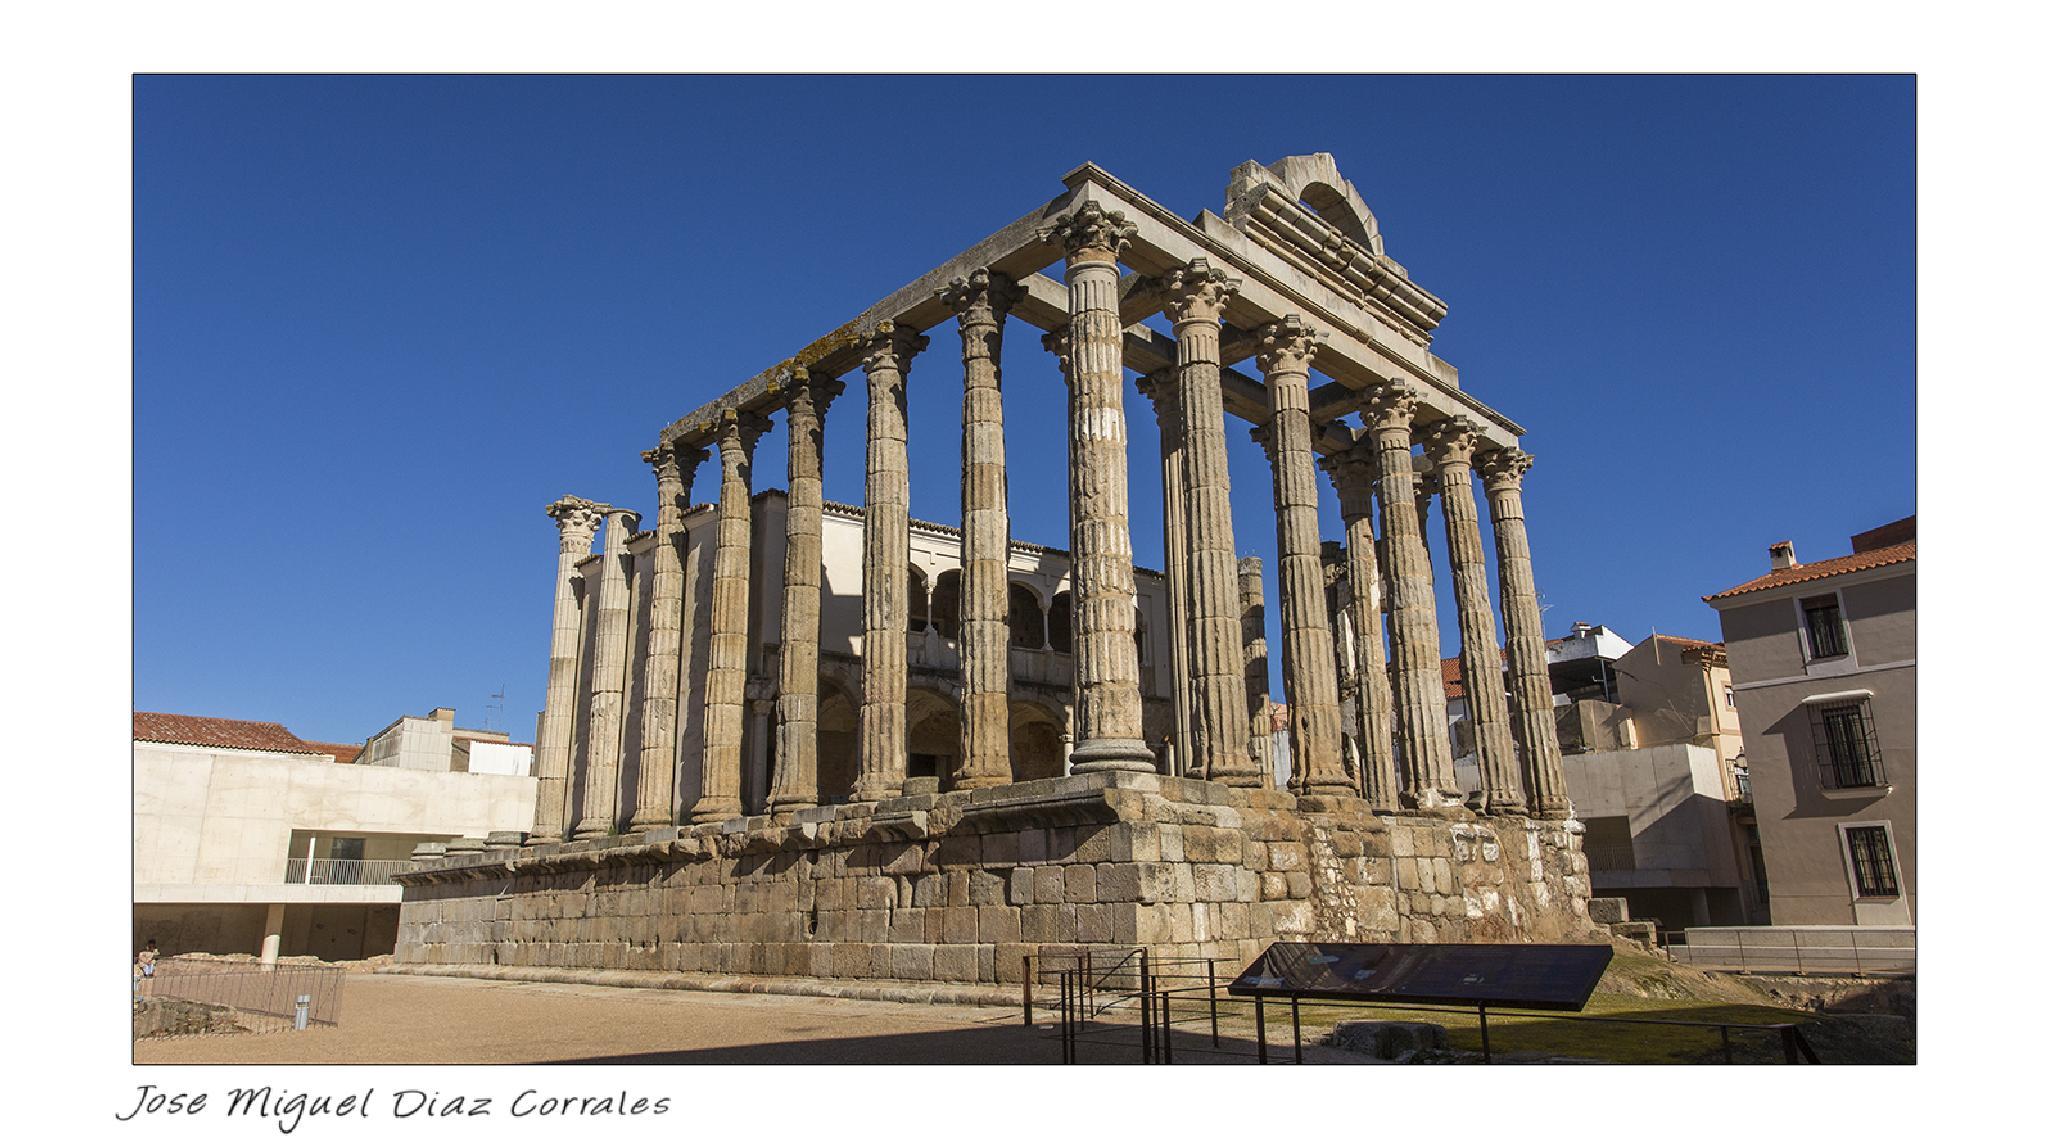 Templo de Diana by Josemigueldiazcorrales